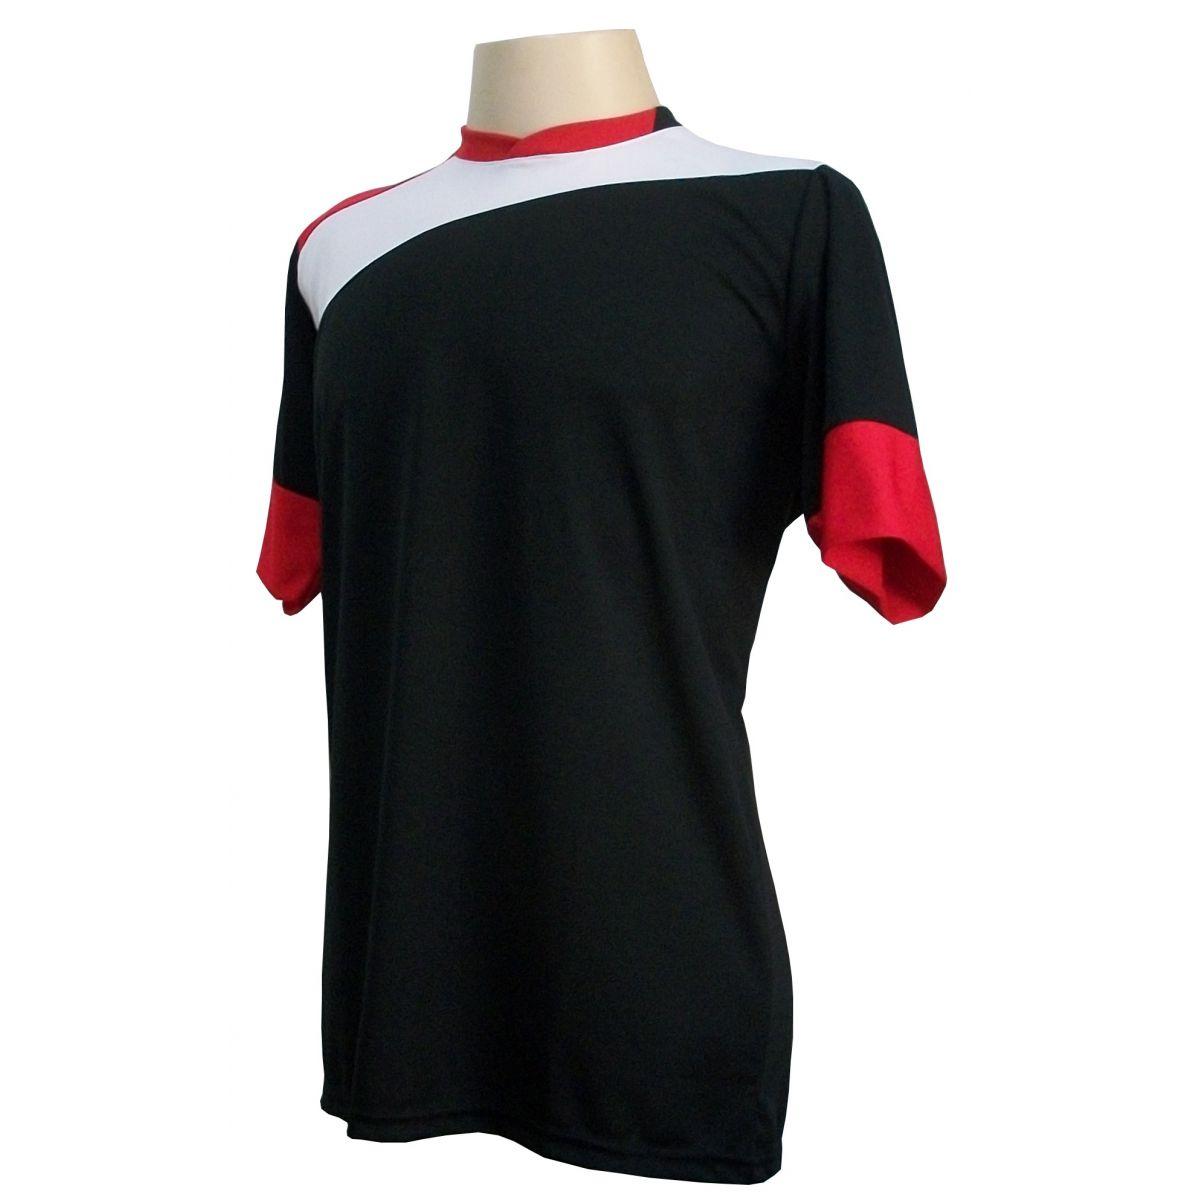 Uniforme Esportivo com 14 camisas modelo Sporting Preto/Branco/Vermelho + 14 calções modelo Madrid Vermelho + Brindes